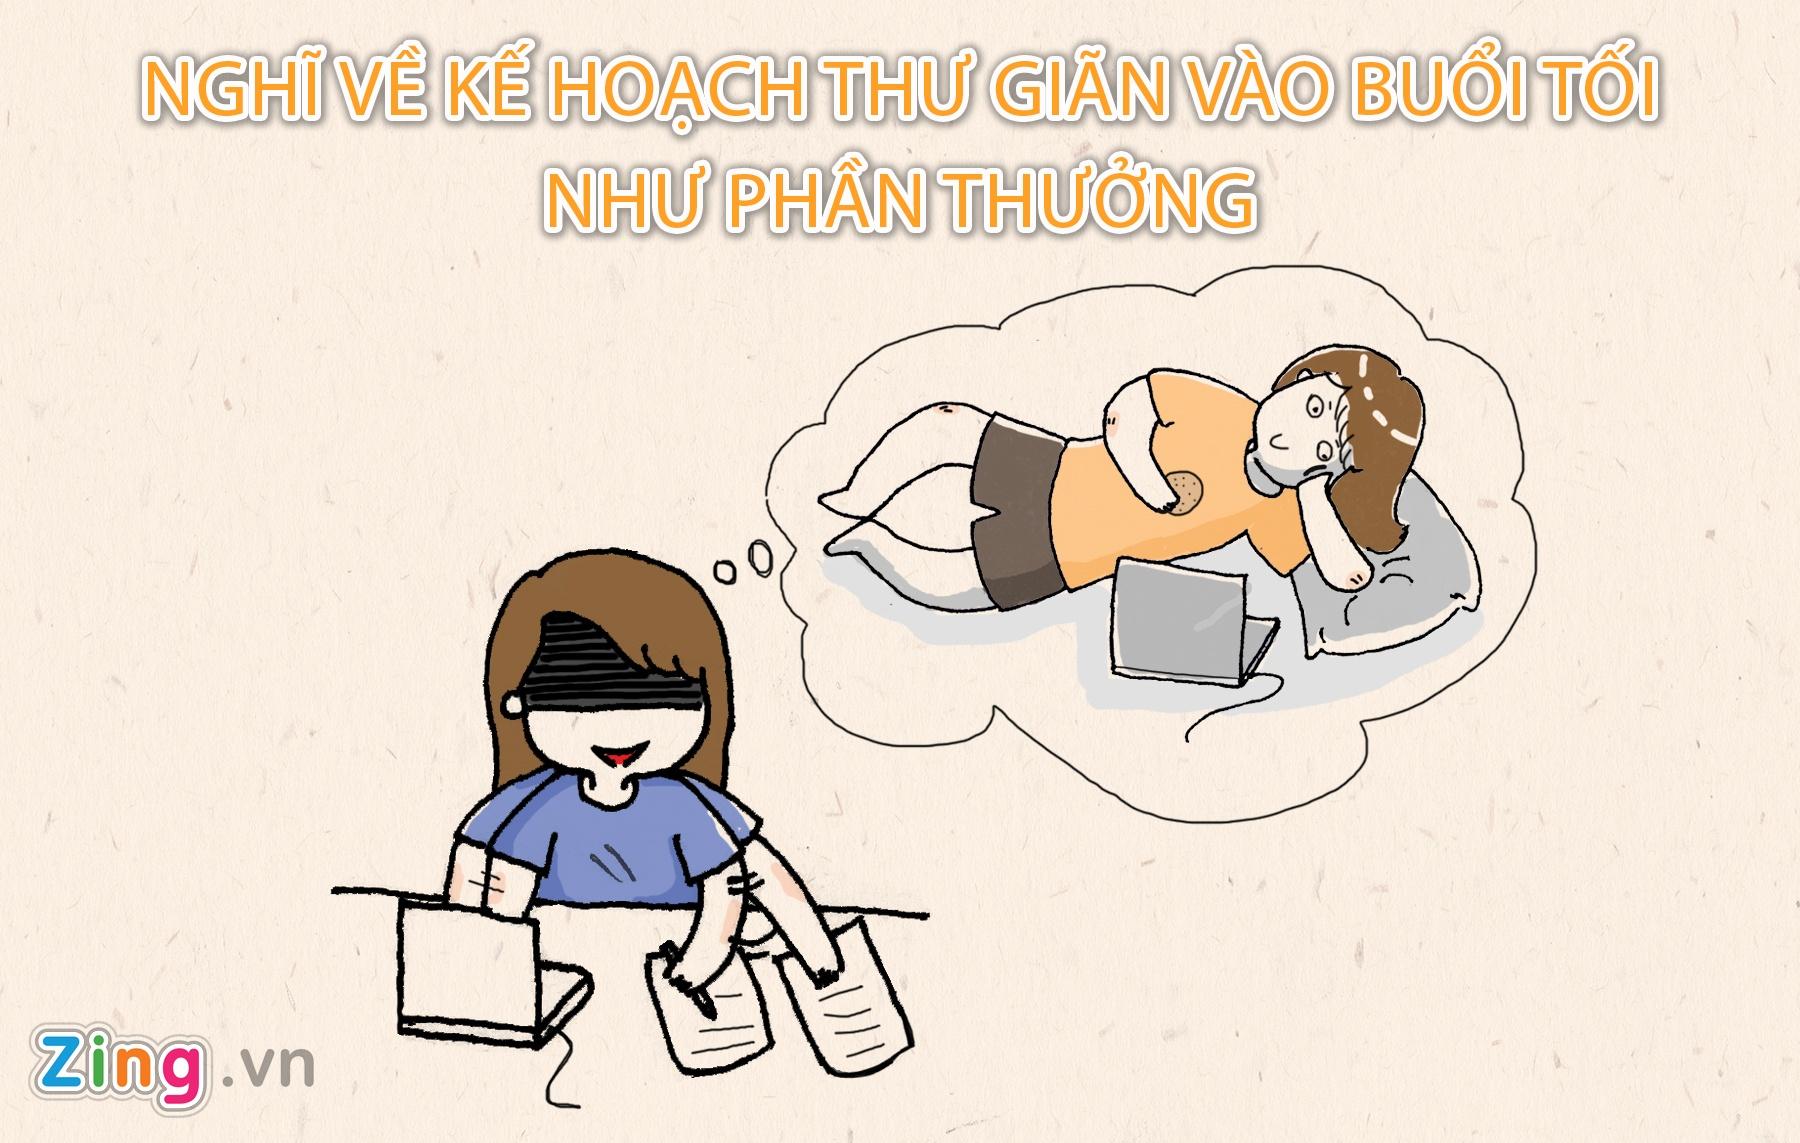 8 Chieu 'Nho Ma Co Vo' Giup Ban Lam Gi Cung Khong Biet Met